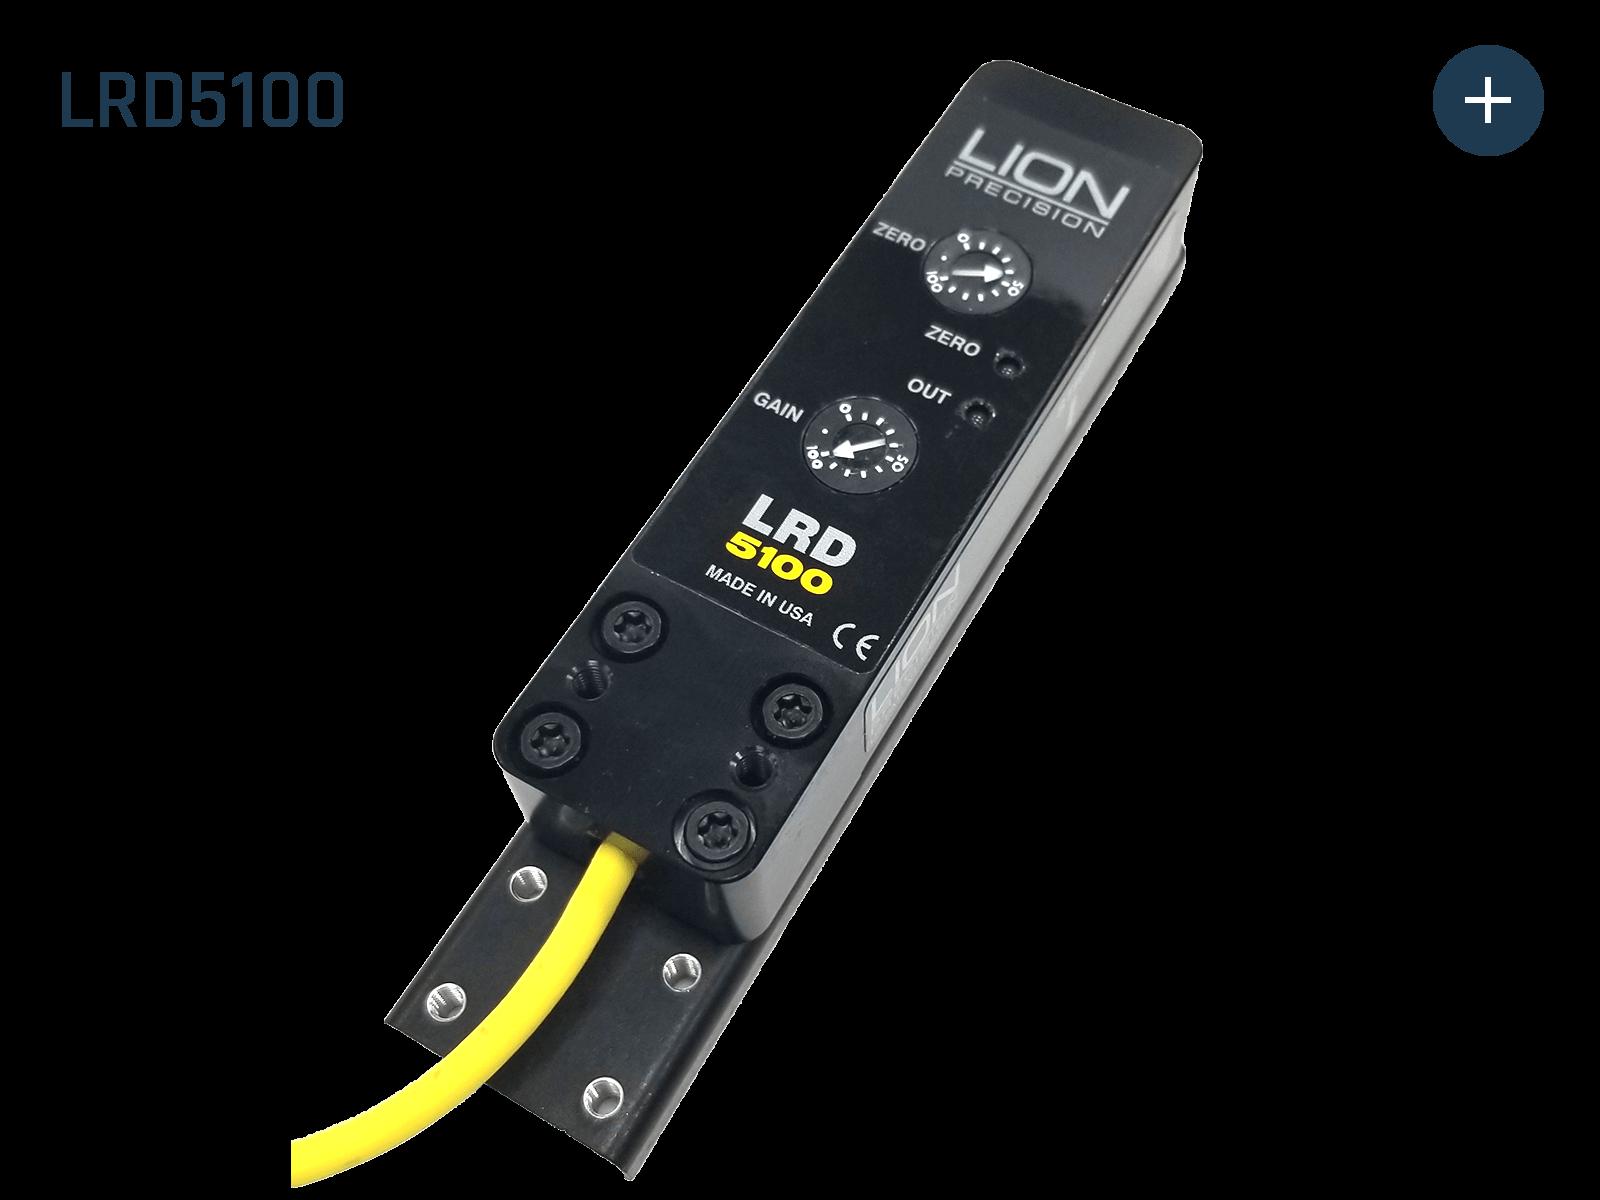 LRD5100.